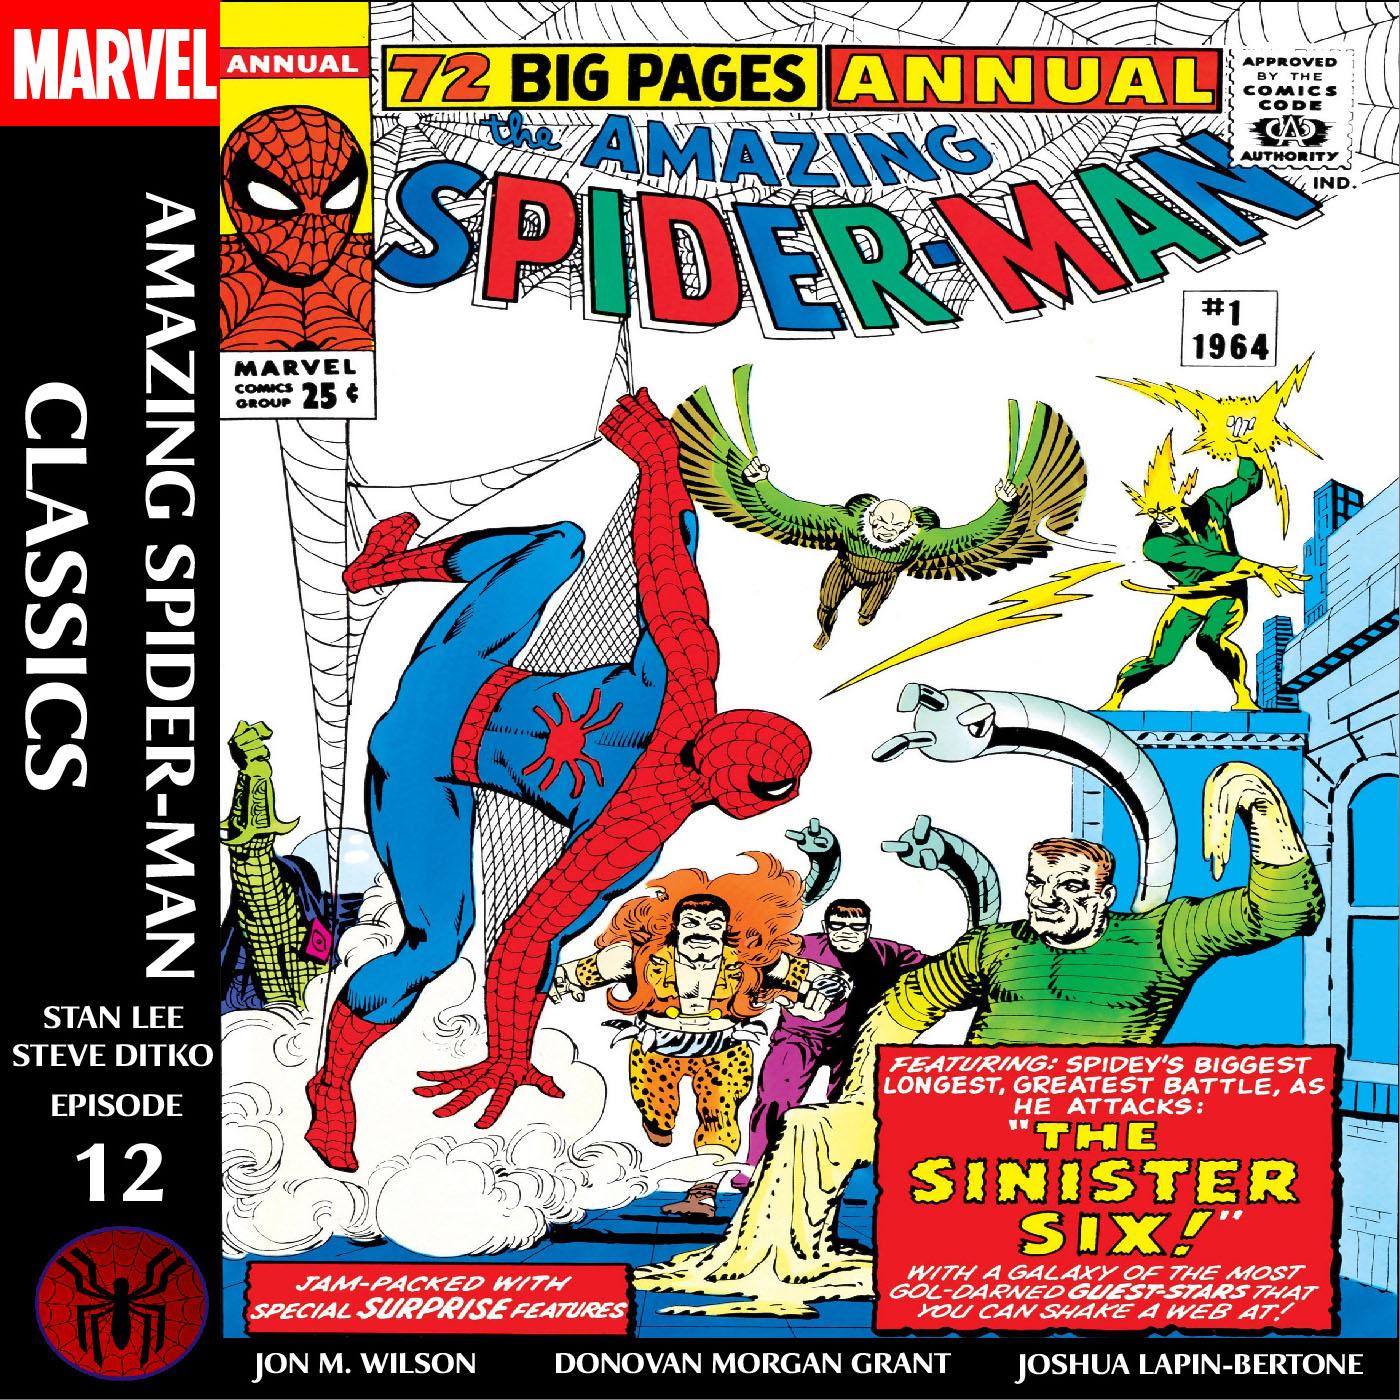 ASM Classics Episode 12: Amazing Spider-Man Annual 1